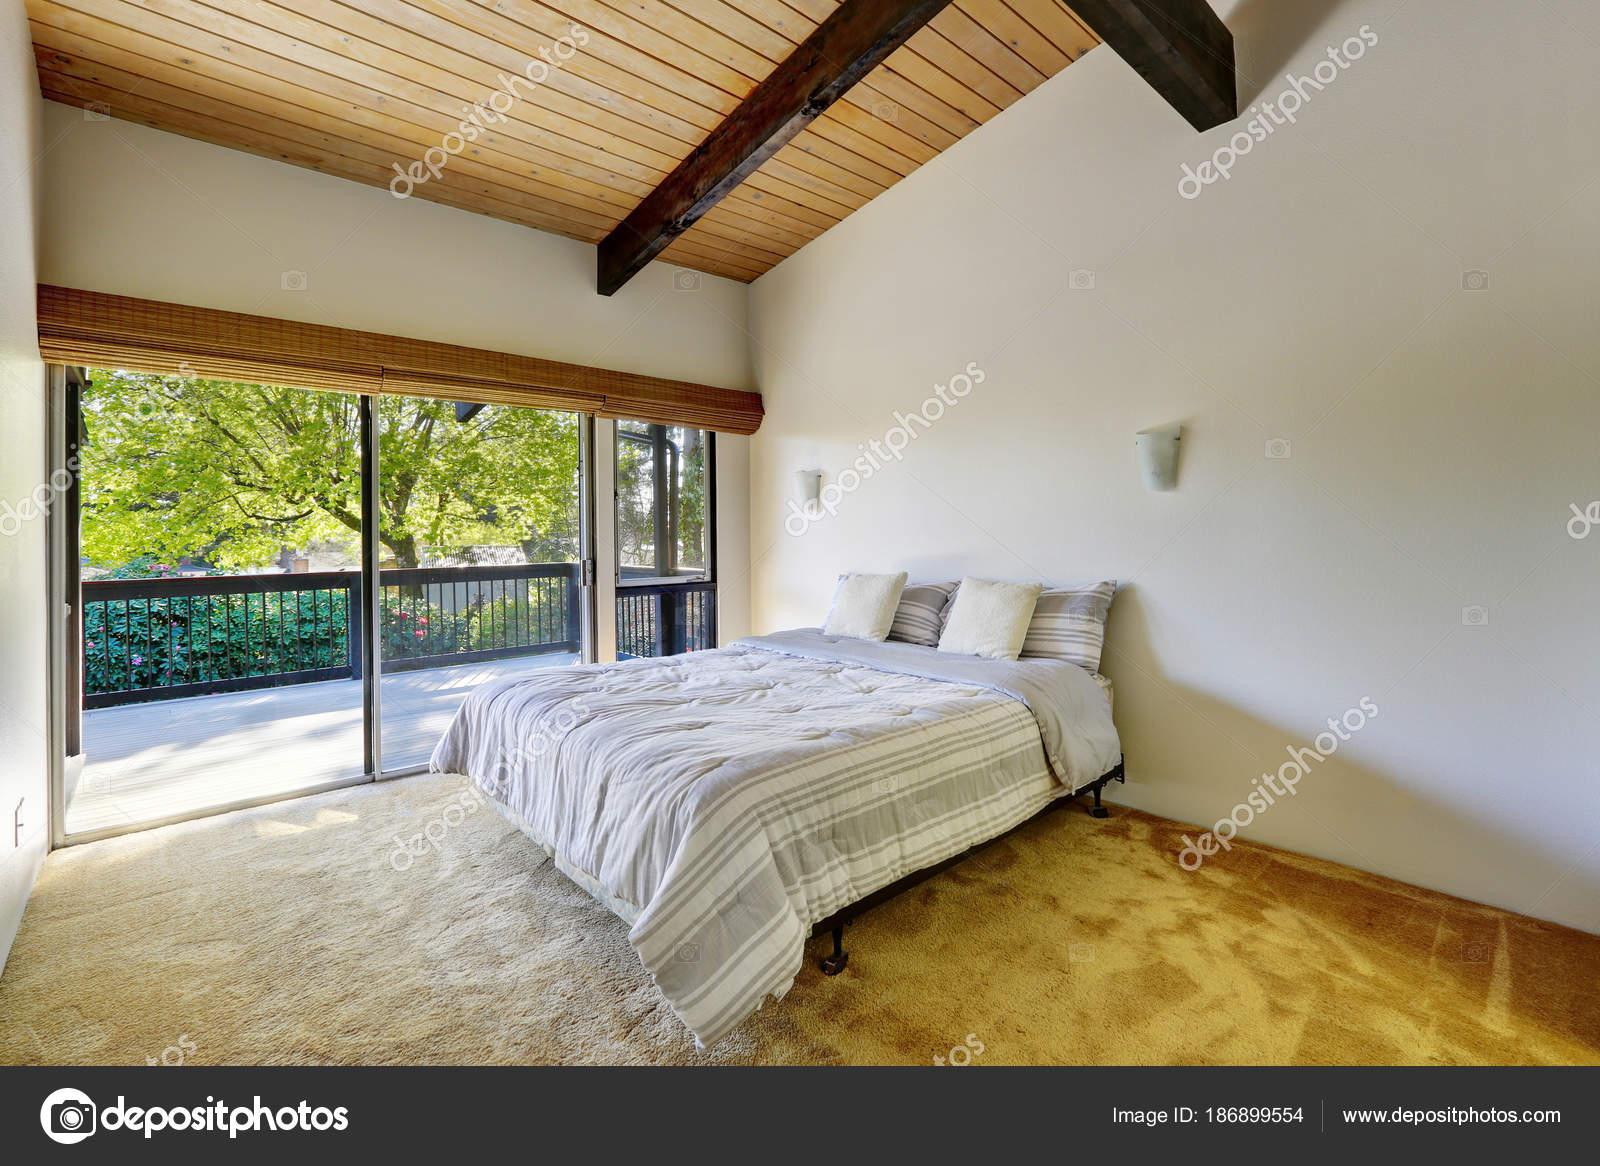 Lichte slaapkamer ontwerp met houten plank gewelfde plafond ...